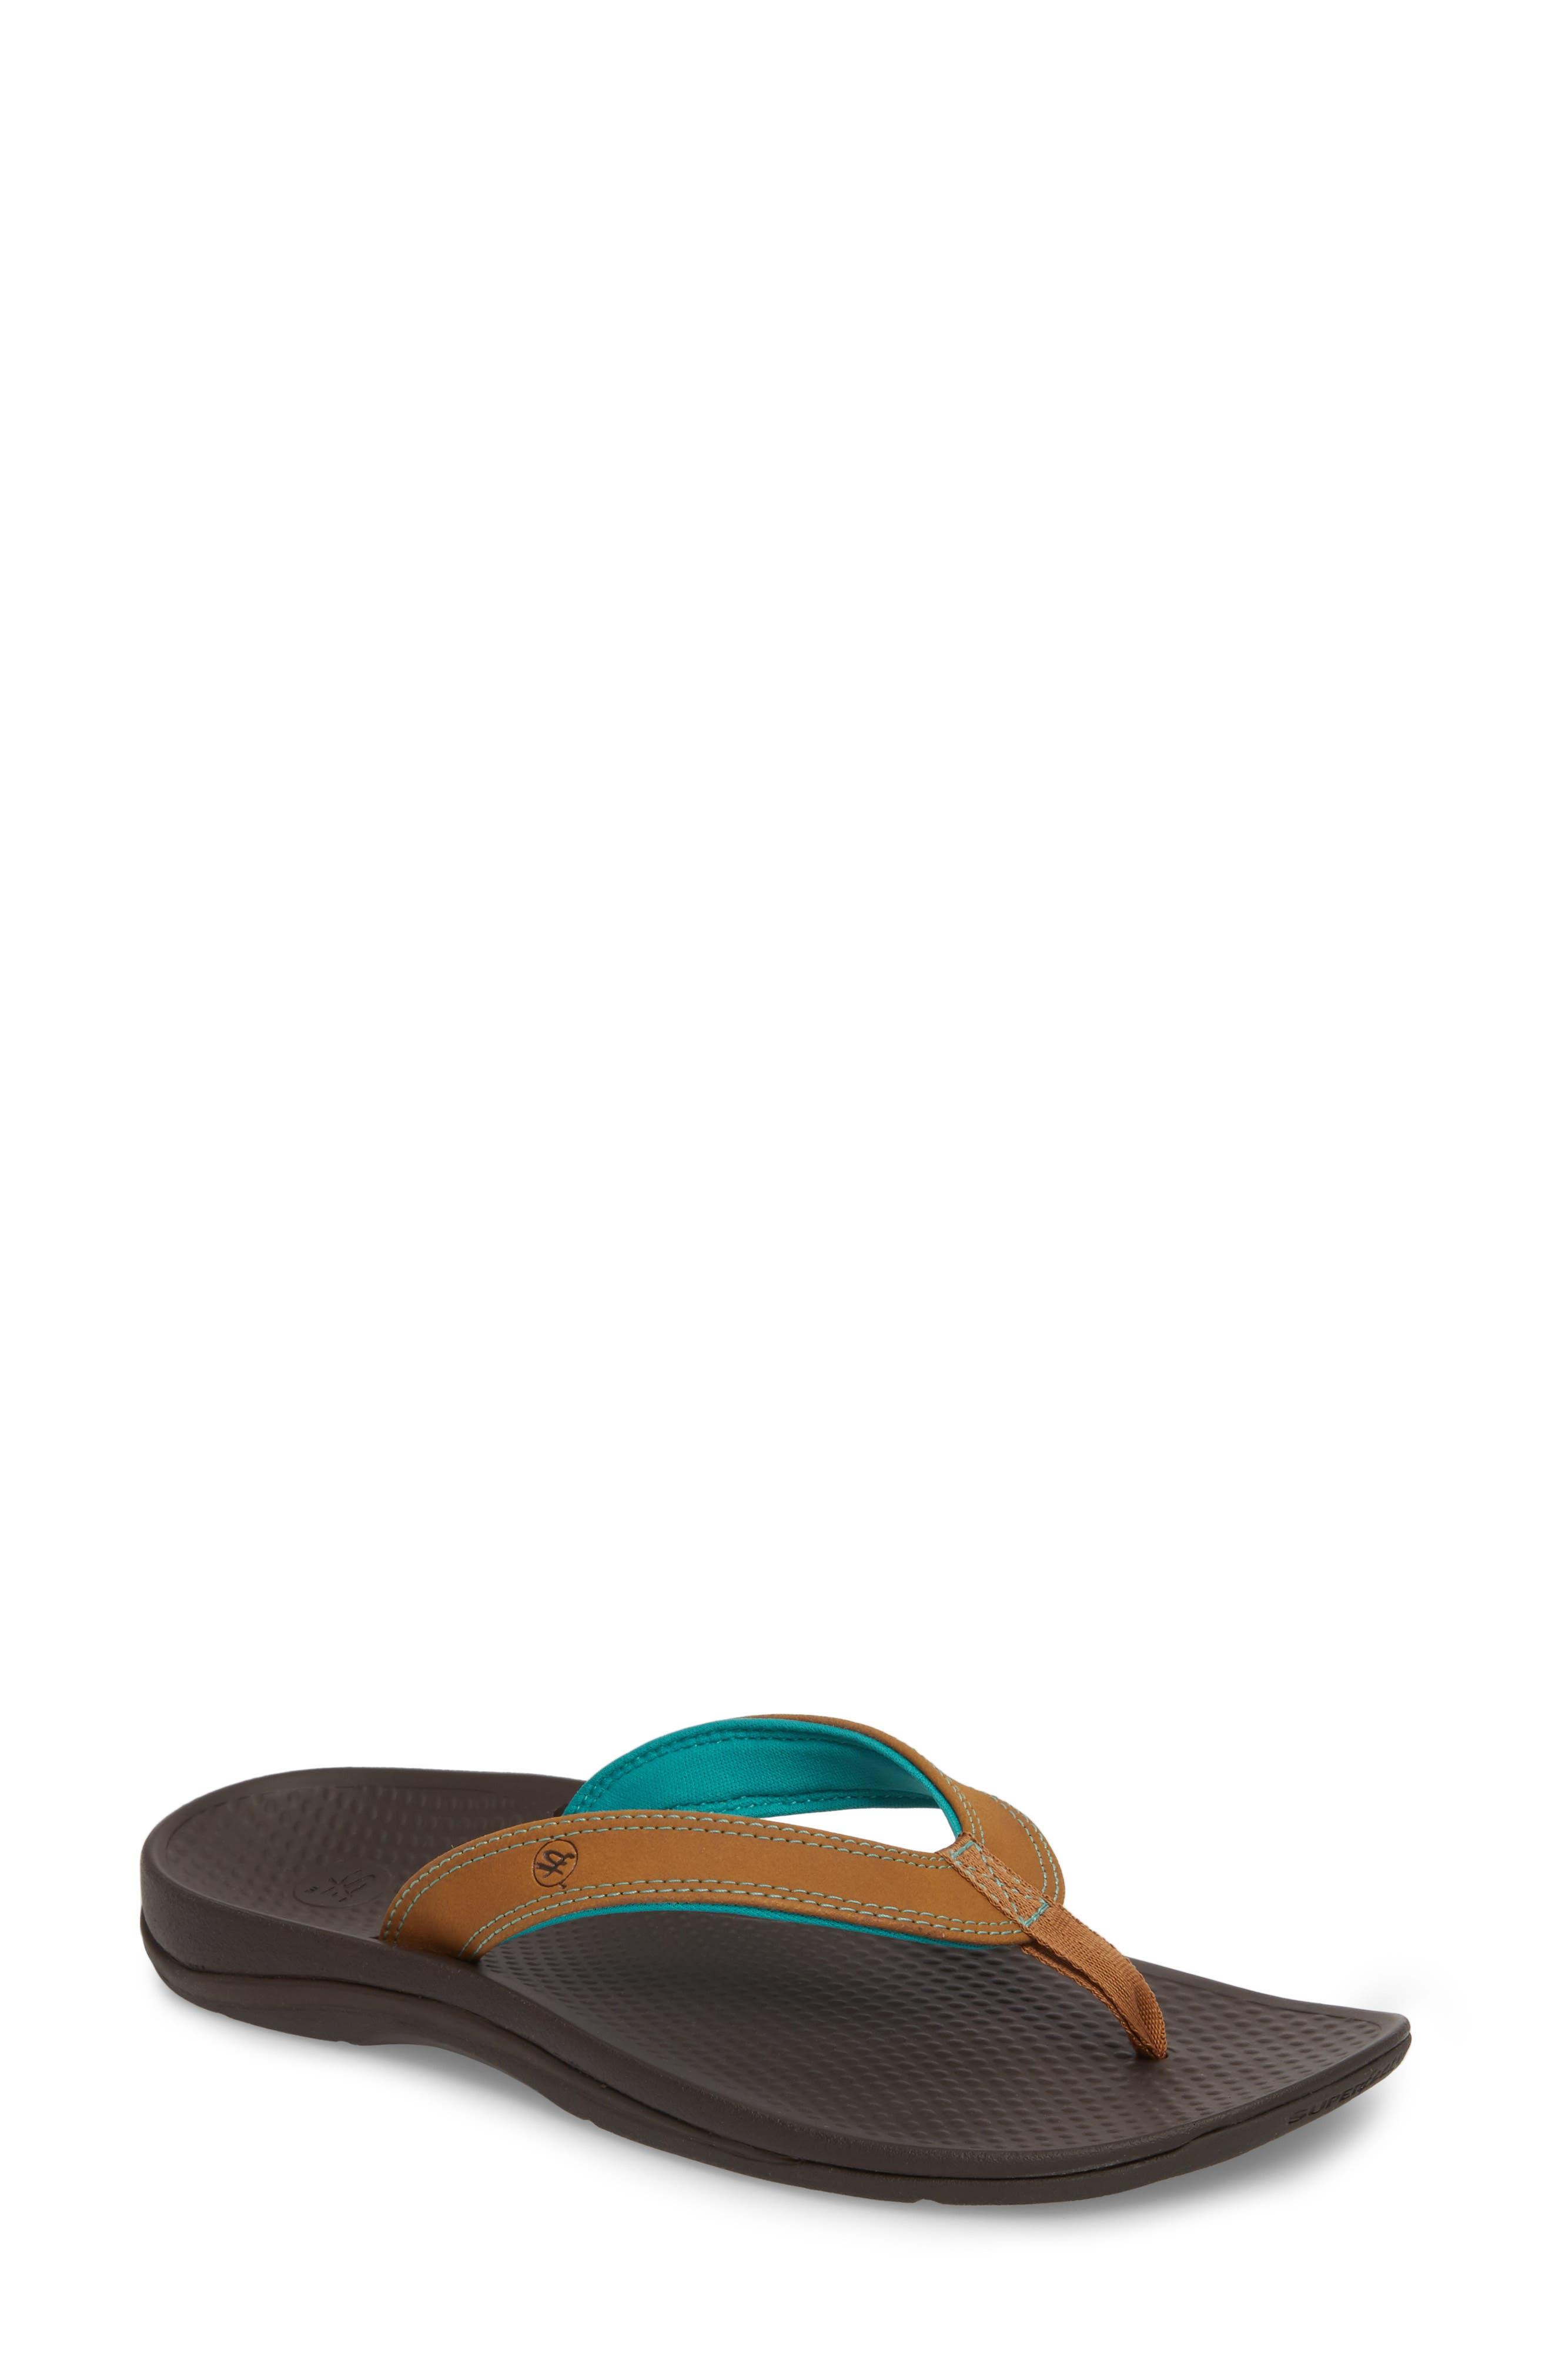 Outside 2.0 Flip Flop,                             Main thumbnail 1, color,                             BROWN FAUX LEATHER